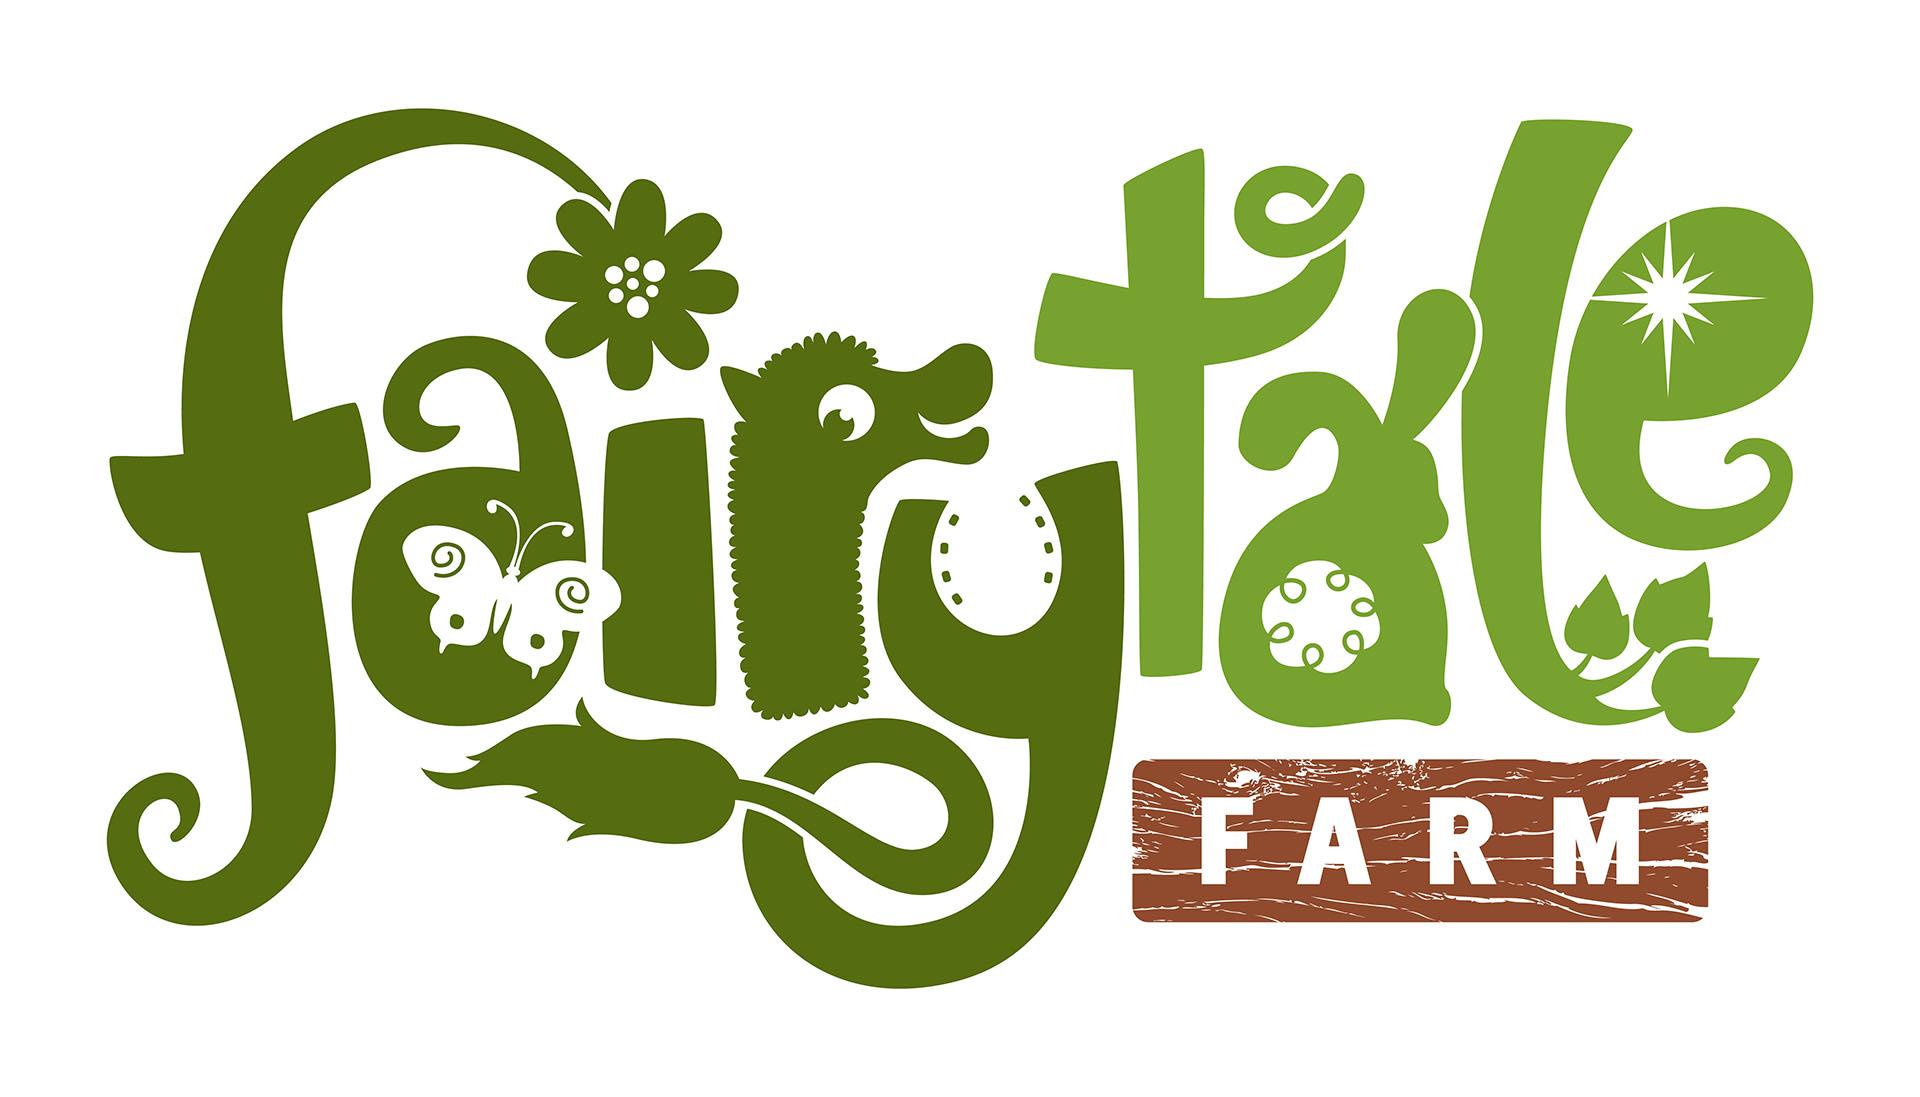 Fairytale Farm's logo